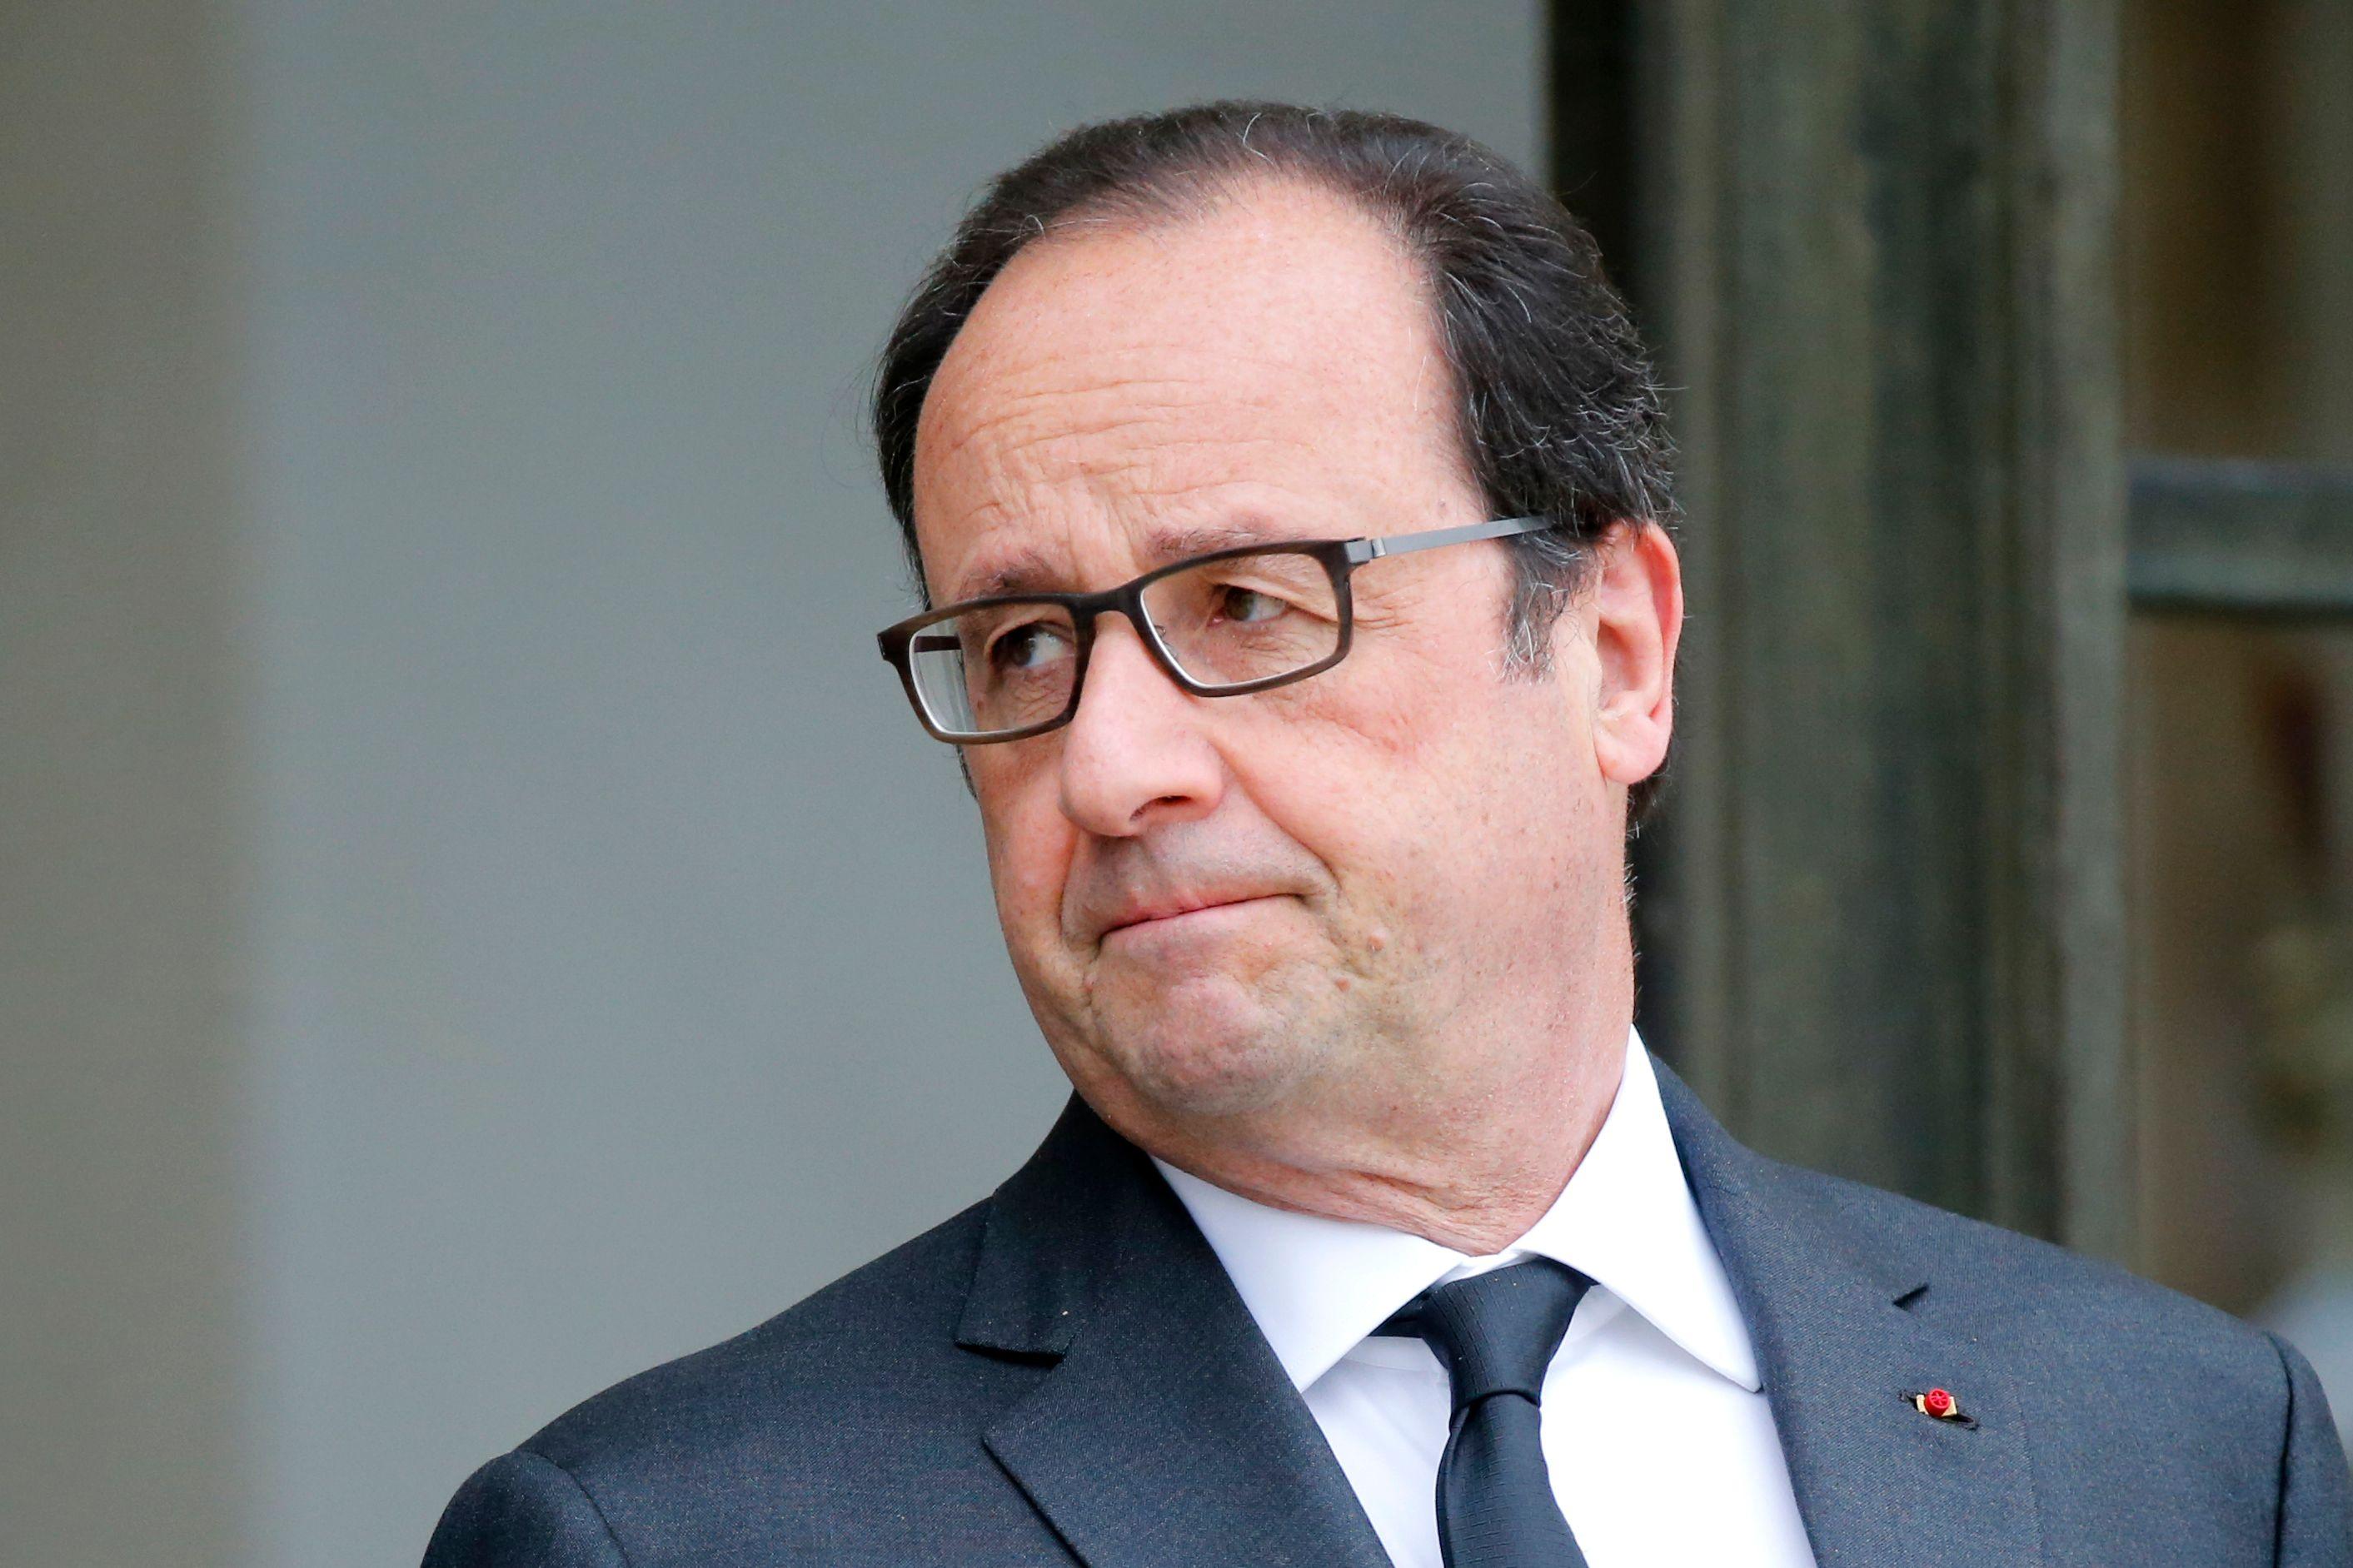 """""""J'ai engagé des réformes qui ne sont pas toutes de gauche mais servent l'intérêt général"""" assure François Hollande."""